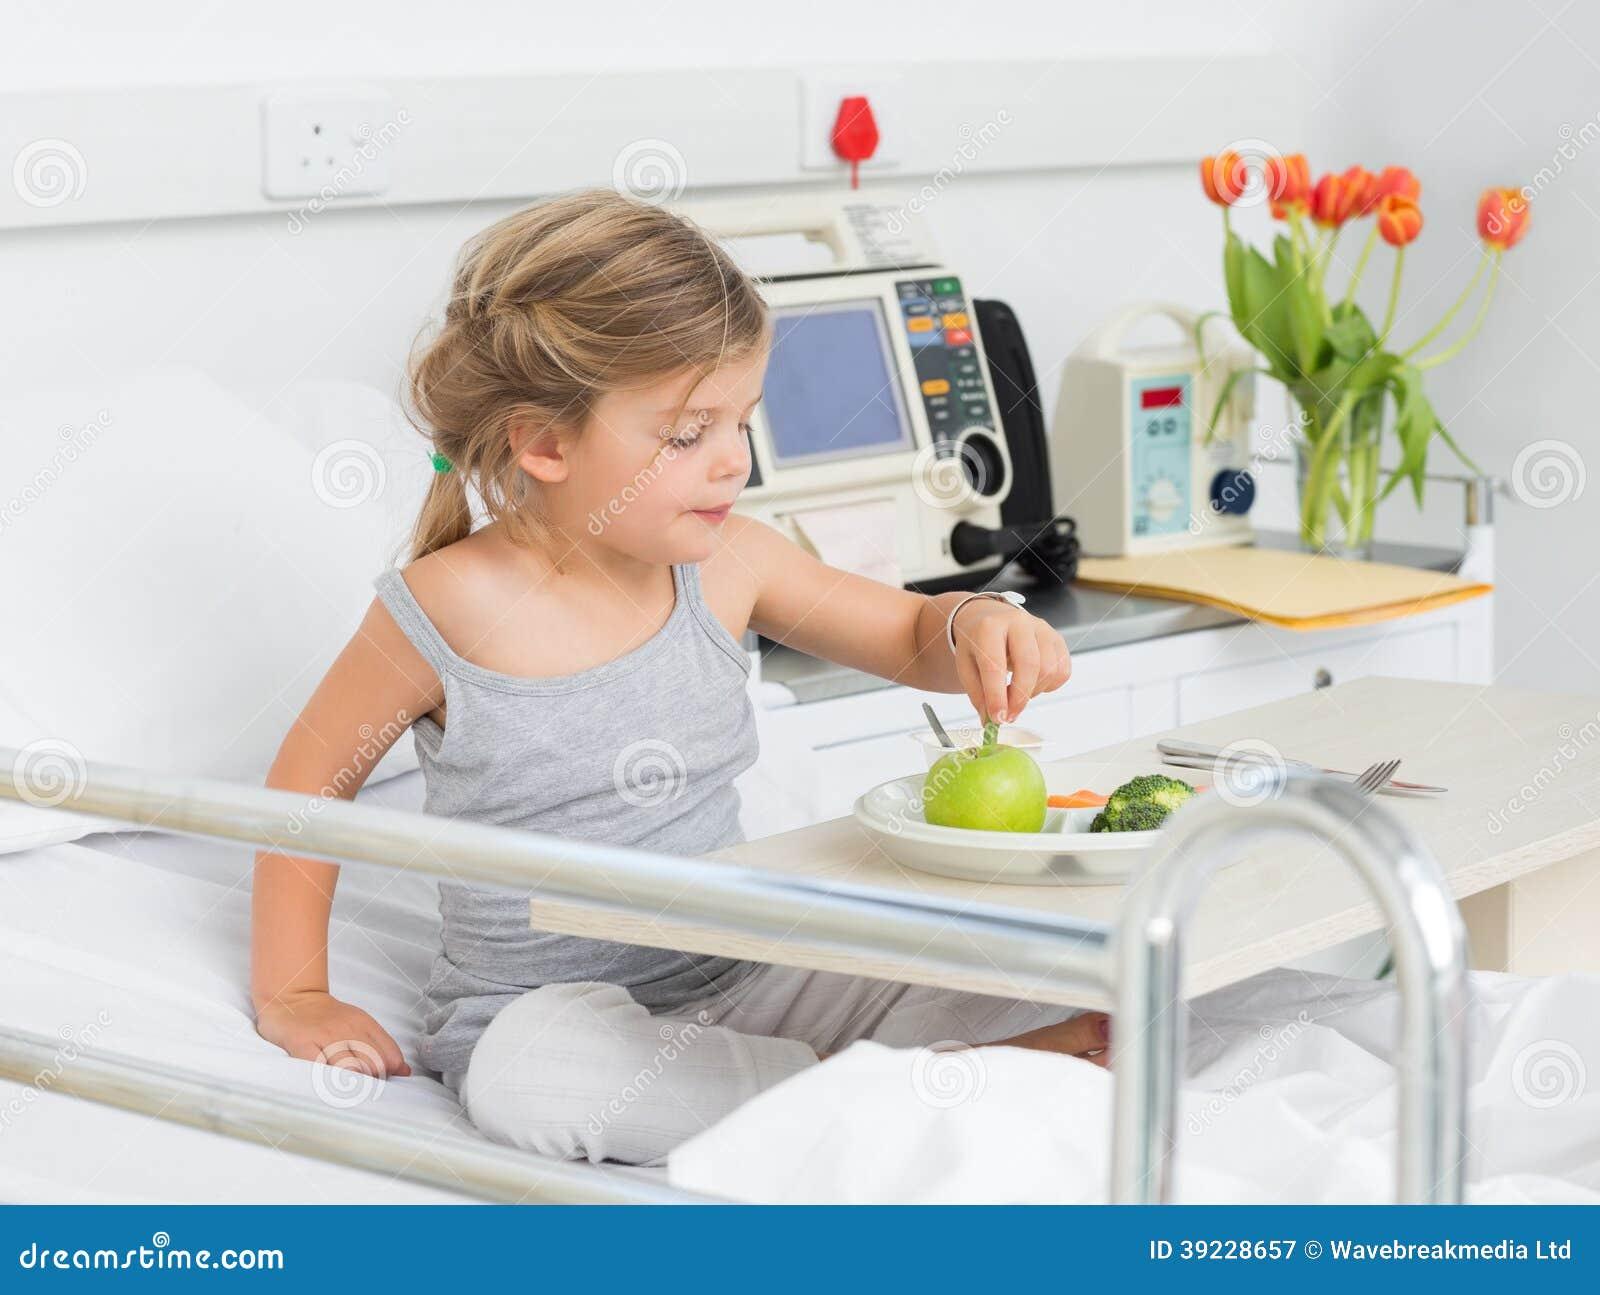 есть в больнице: